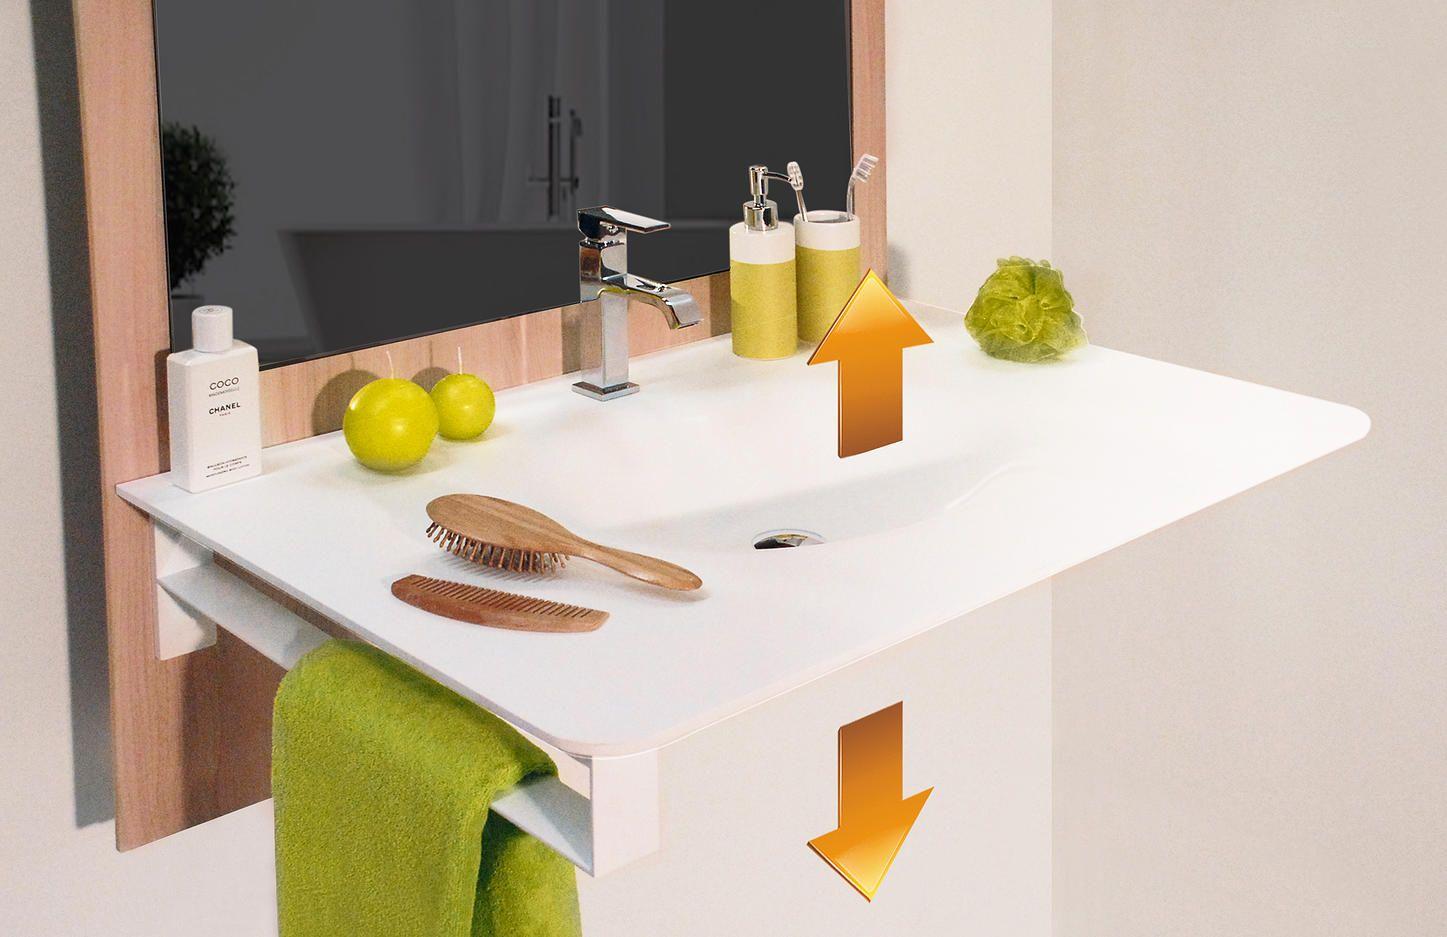 Creation Salle De Bain Dans Une Chambre ~ lavabo pmr salle de bains design innovations et technologie